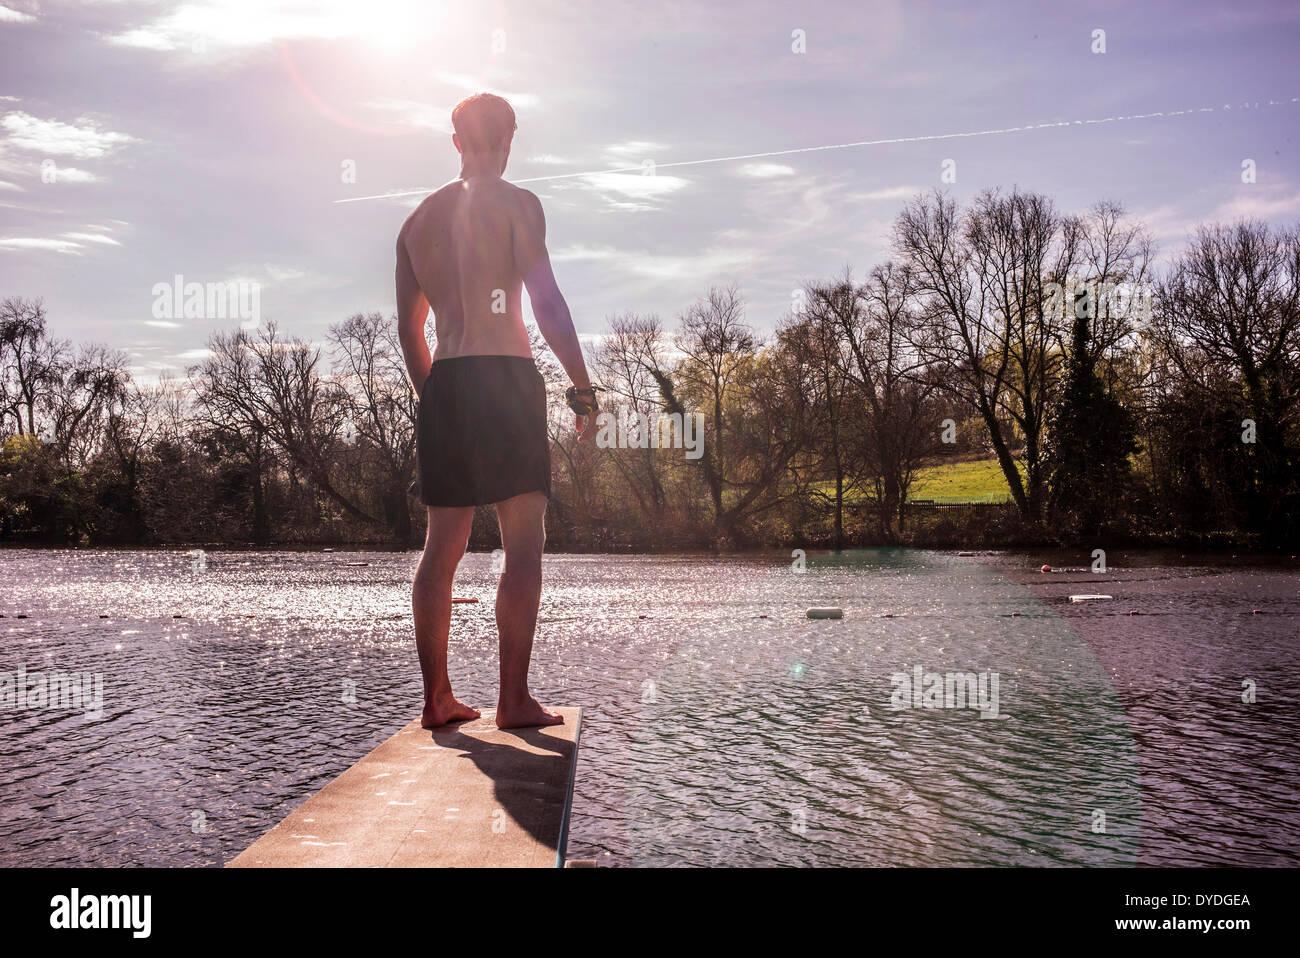 Un jeune homme en maillot de bain à côté des étangs d'eau douce de printemps. Photo Stock